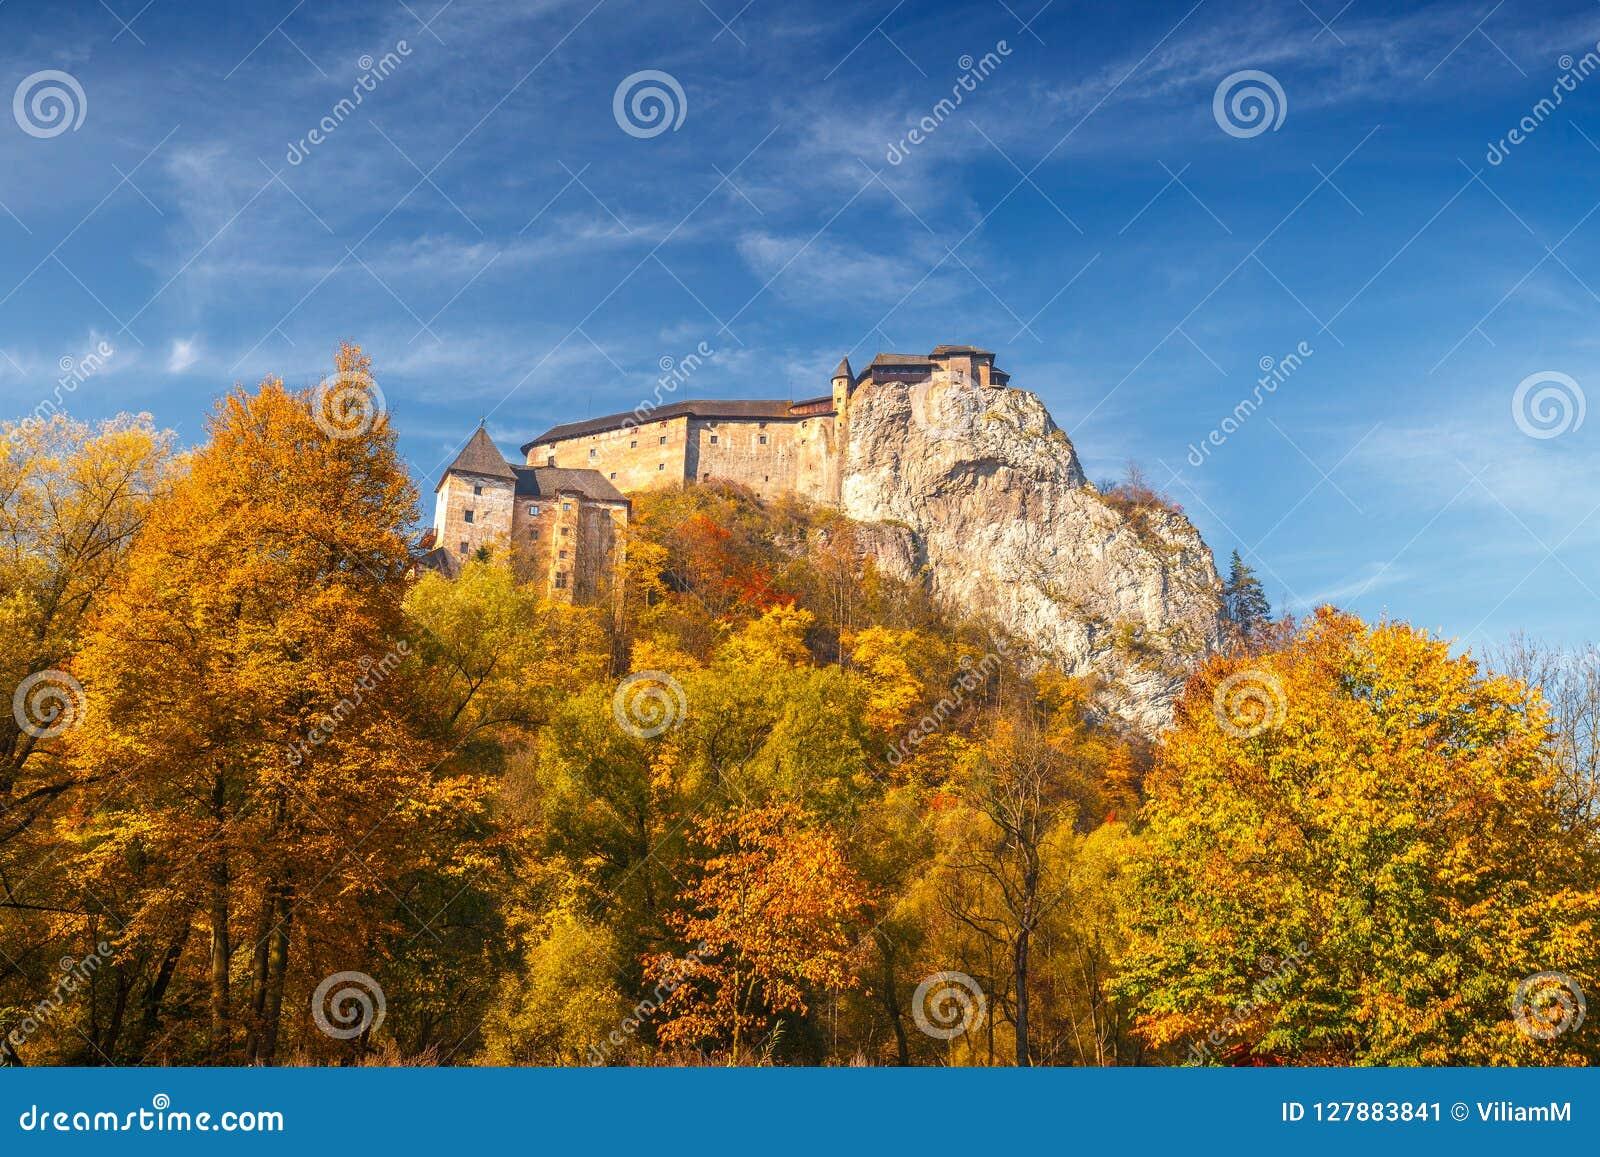 Das mittelalterliche Orava-Schloss im Herbst, Slowakei